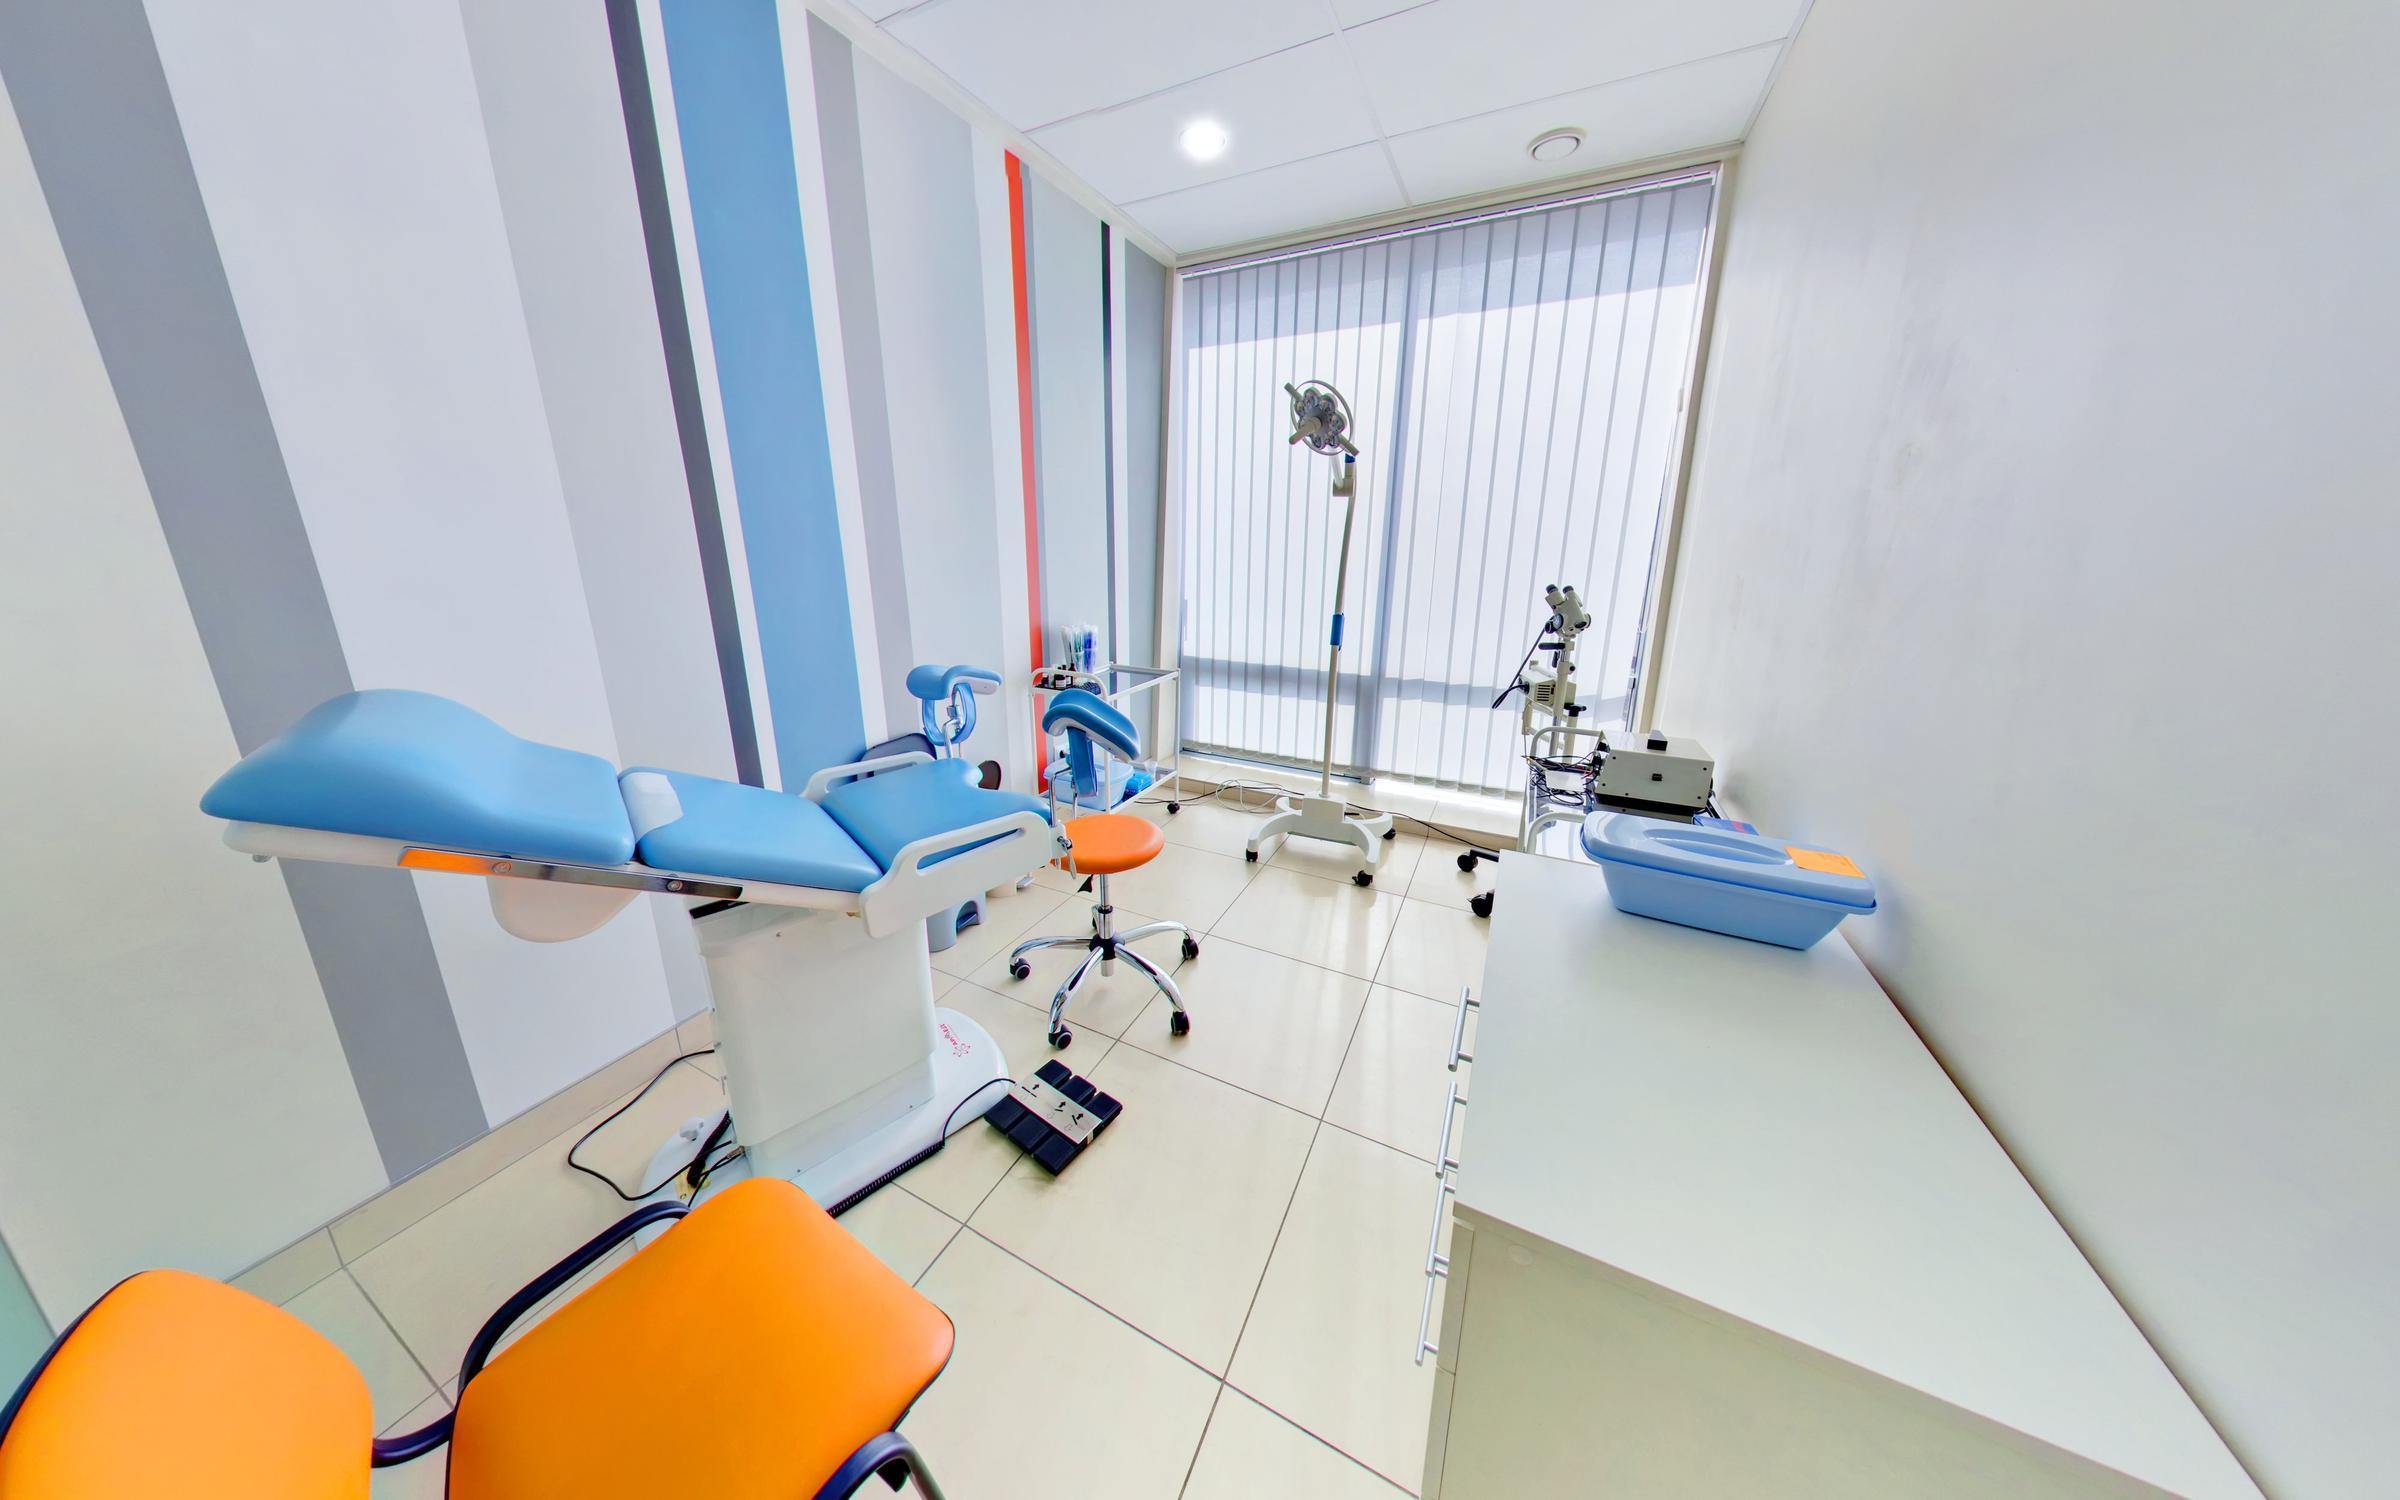 Поликлиника ржд ижевск официальный сайт